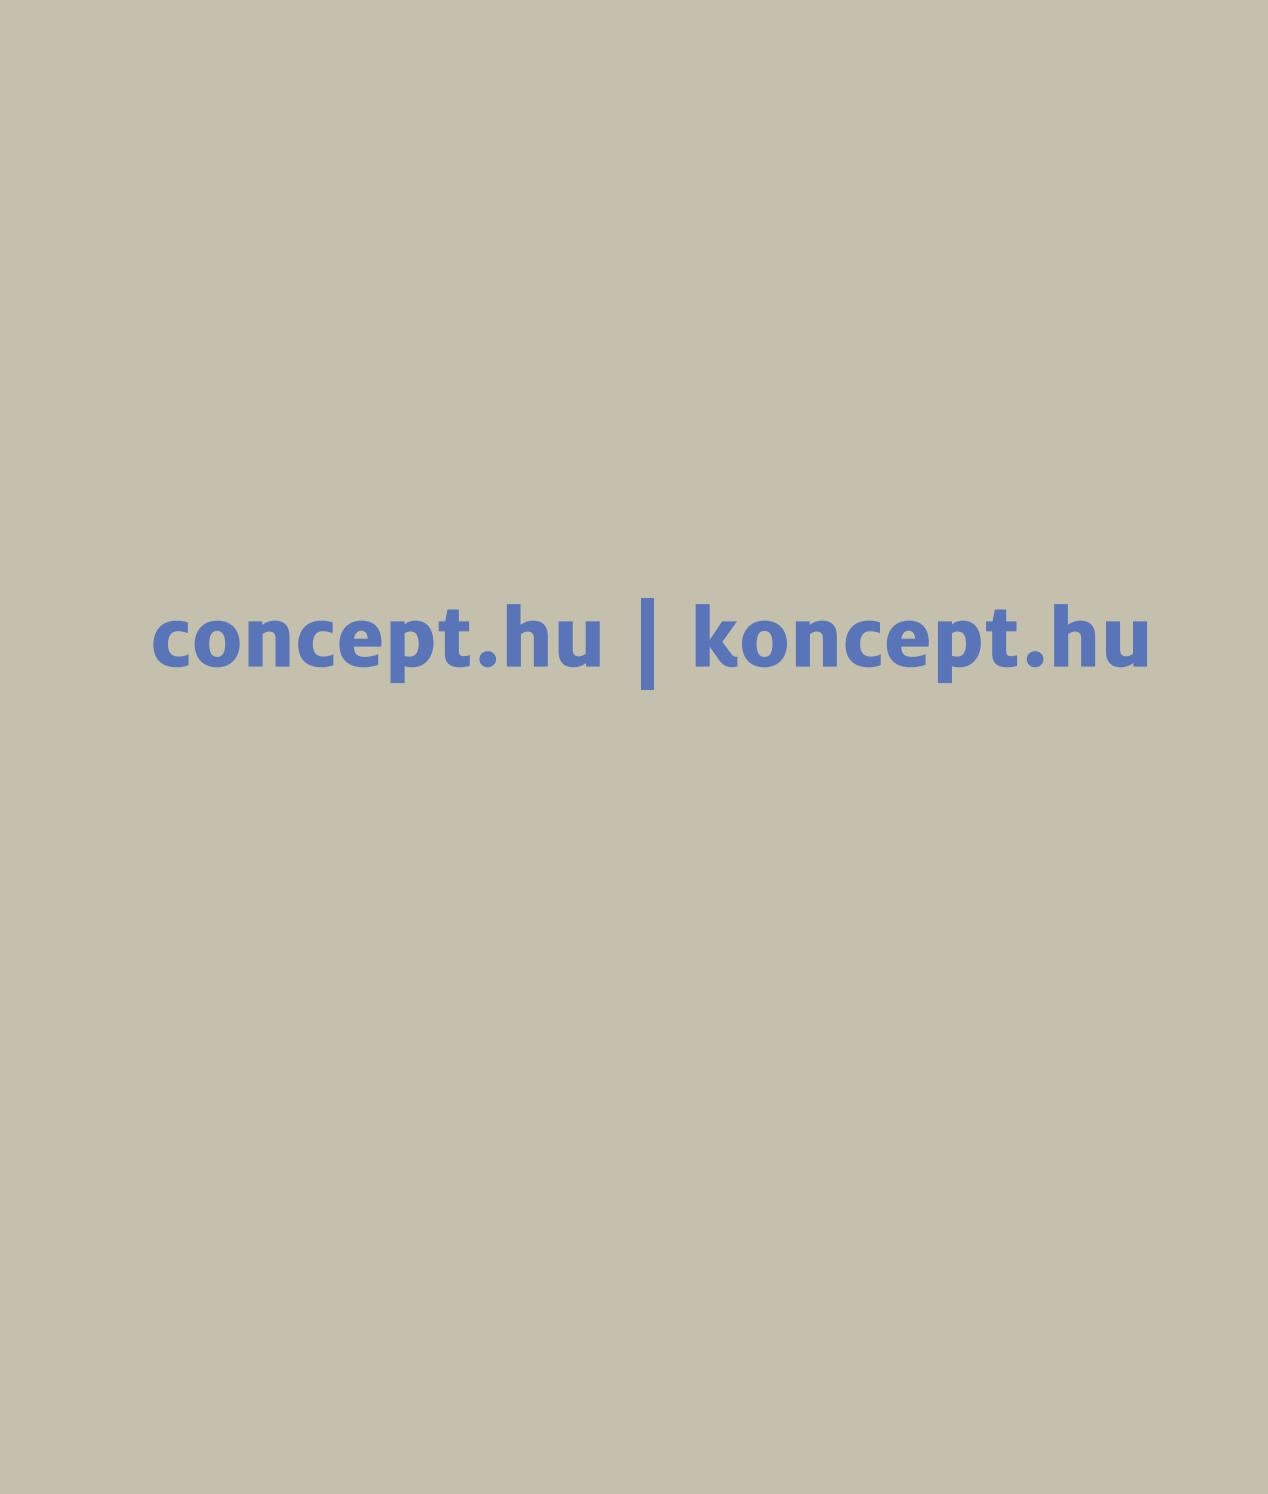 az összes közös készítmény felsorolása)